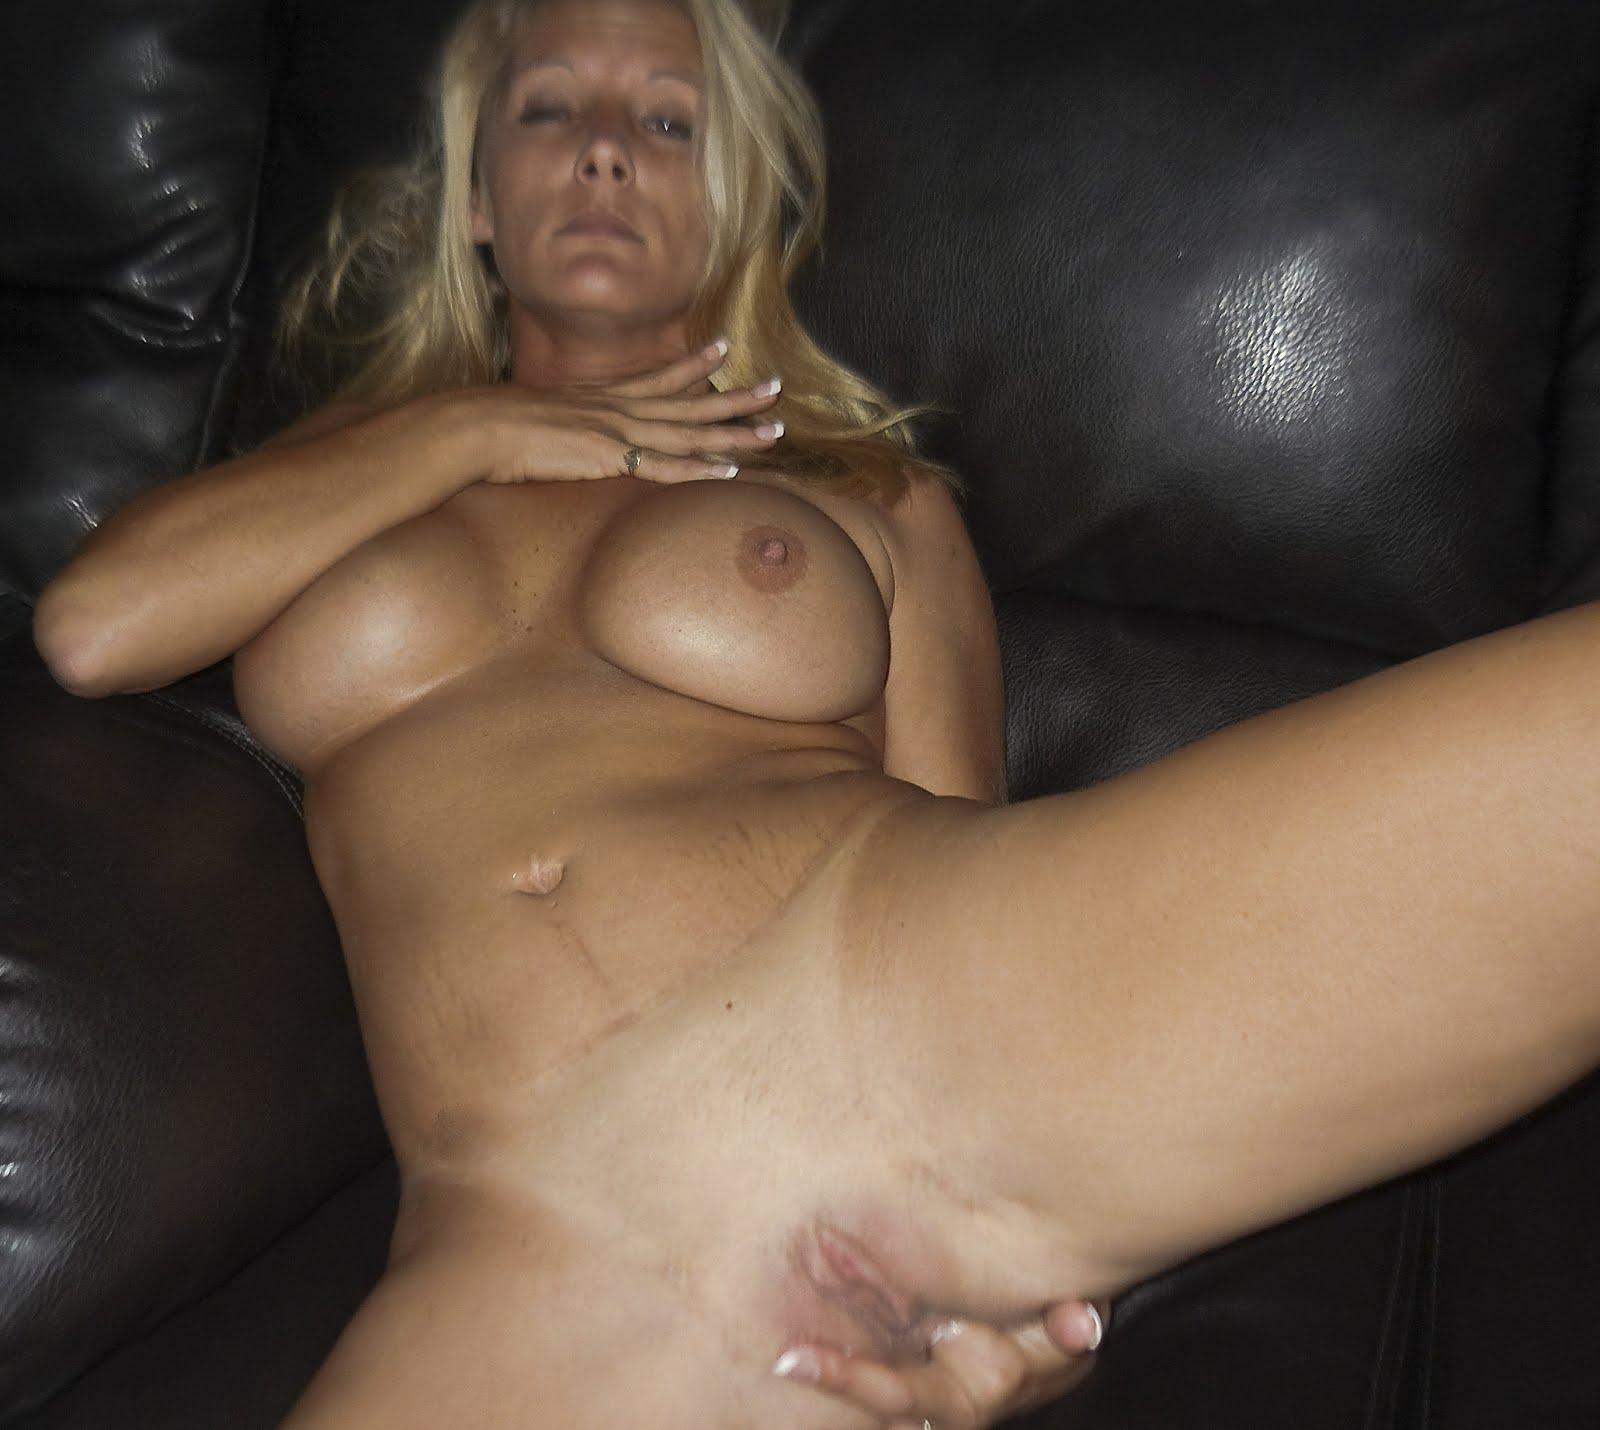 Slut Wife Website 27